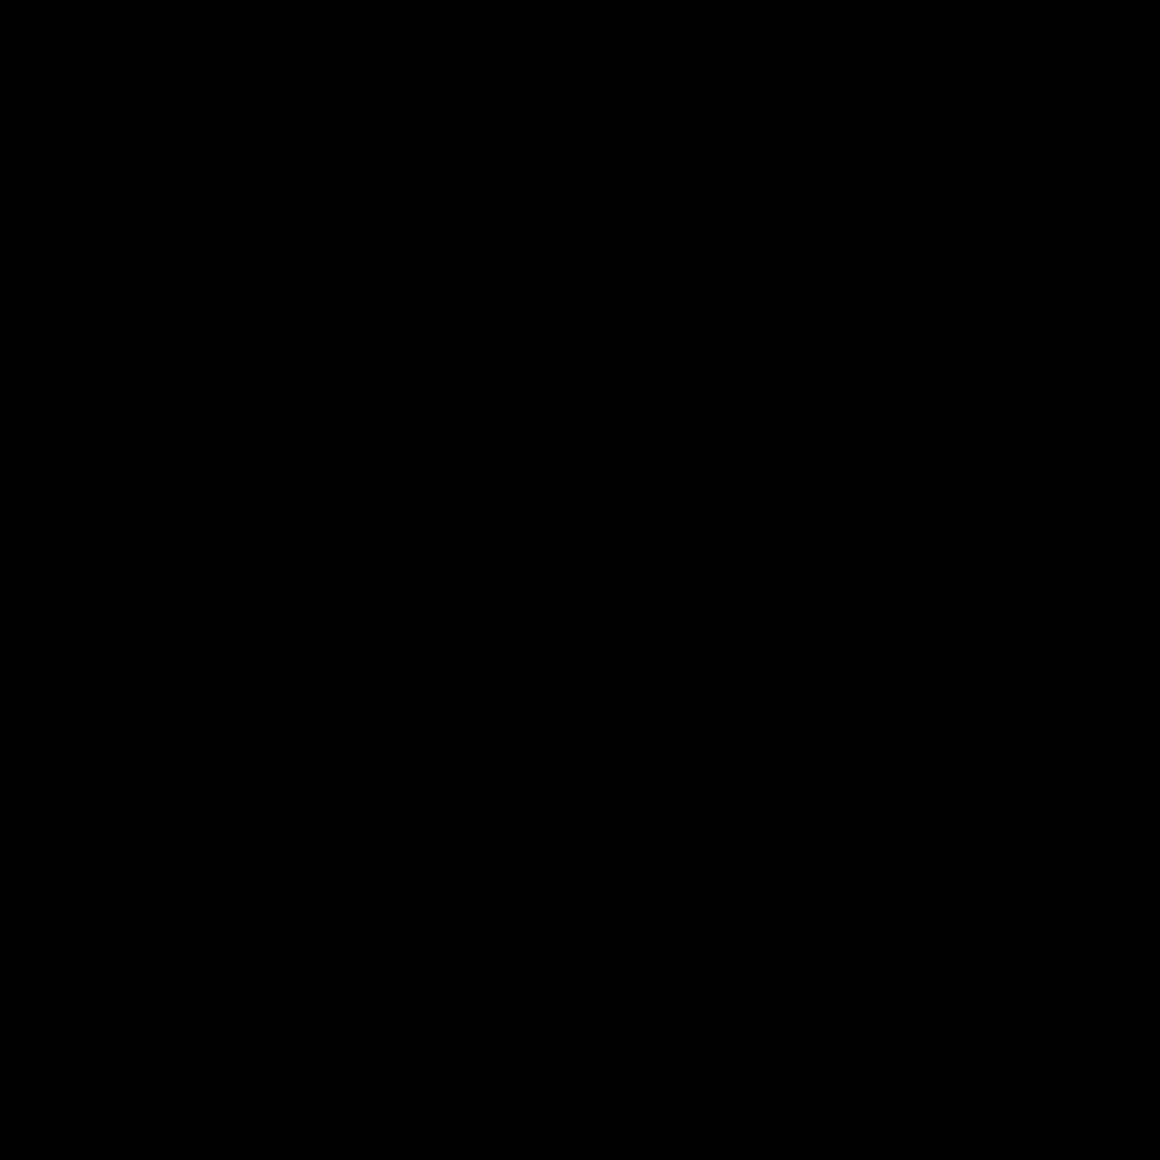 MICHELIN ROAD 5 GT 120/70 ZR 18 59W – ÖN LASTIK